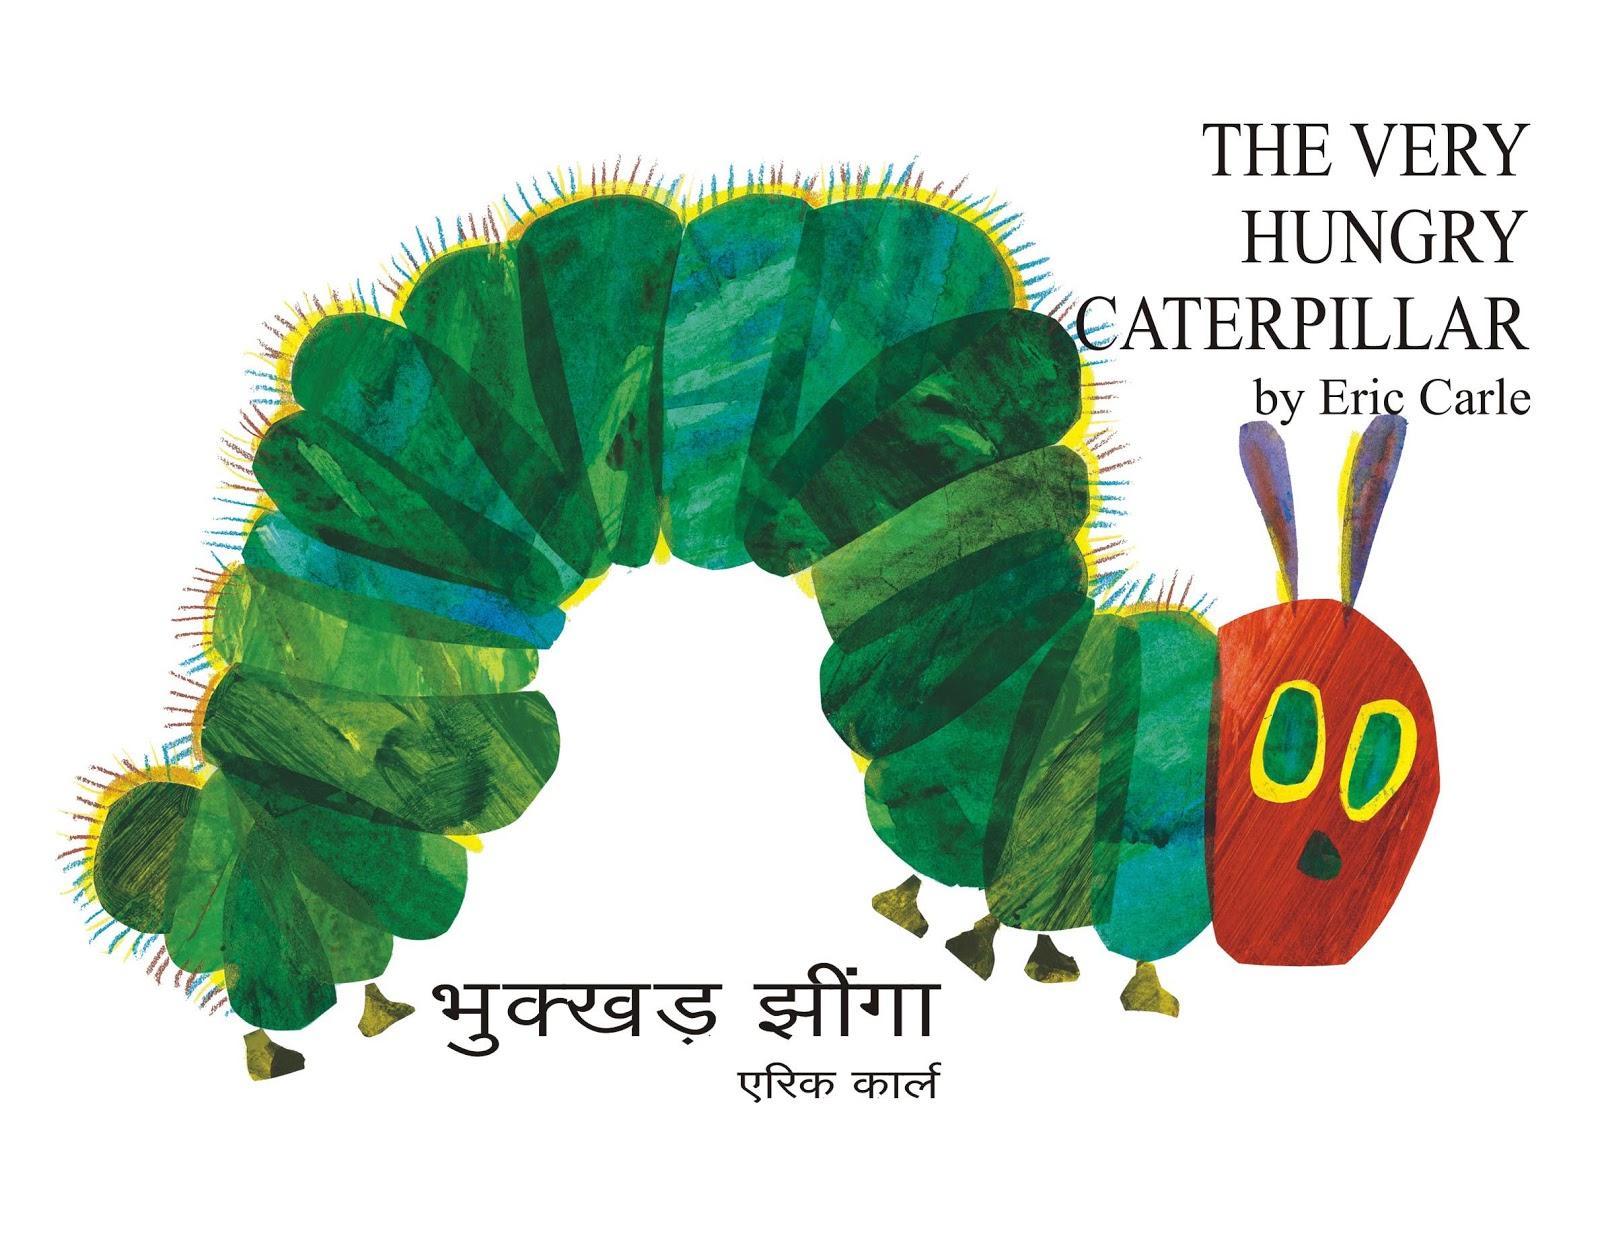 KARADI TALES On Bilingual Titles From Karadi Tales